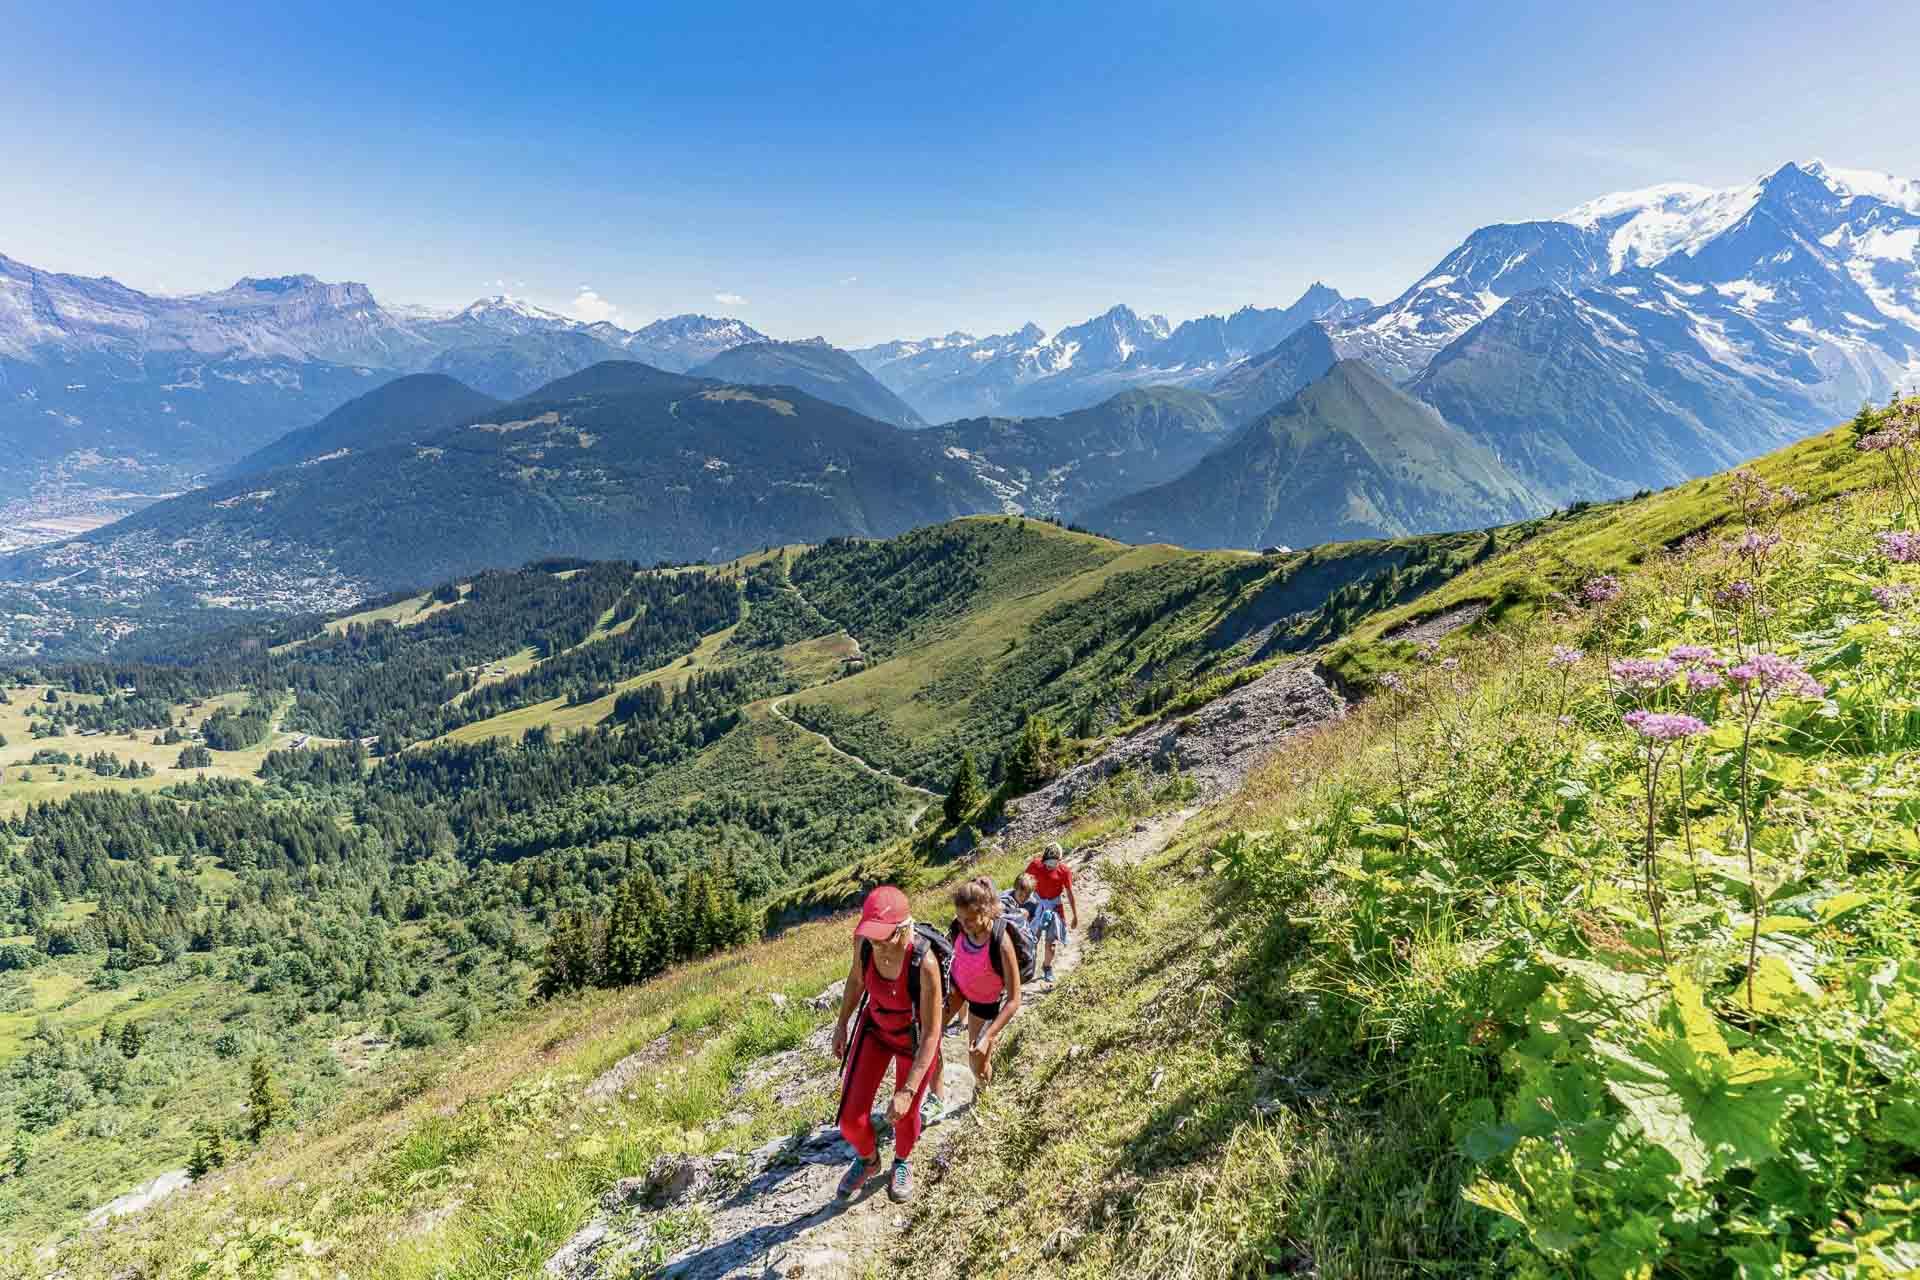 Saint-Gervais Mont-Blanc aurait pu rester ce paisible village des Alpes qui semble grimper à l'assaut du mythique sommet. C'était sans compter ses atouts : entre thermalisme et alpinisme, randonnées ou VTT, la commune de Haute-Savoie s'épanouit dans une somptueuse nature. Respirez, et admirez !